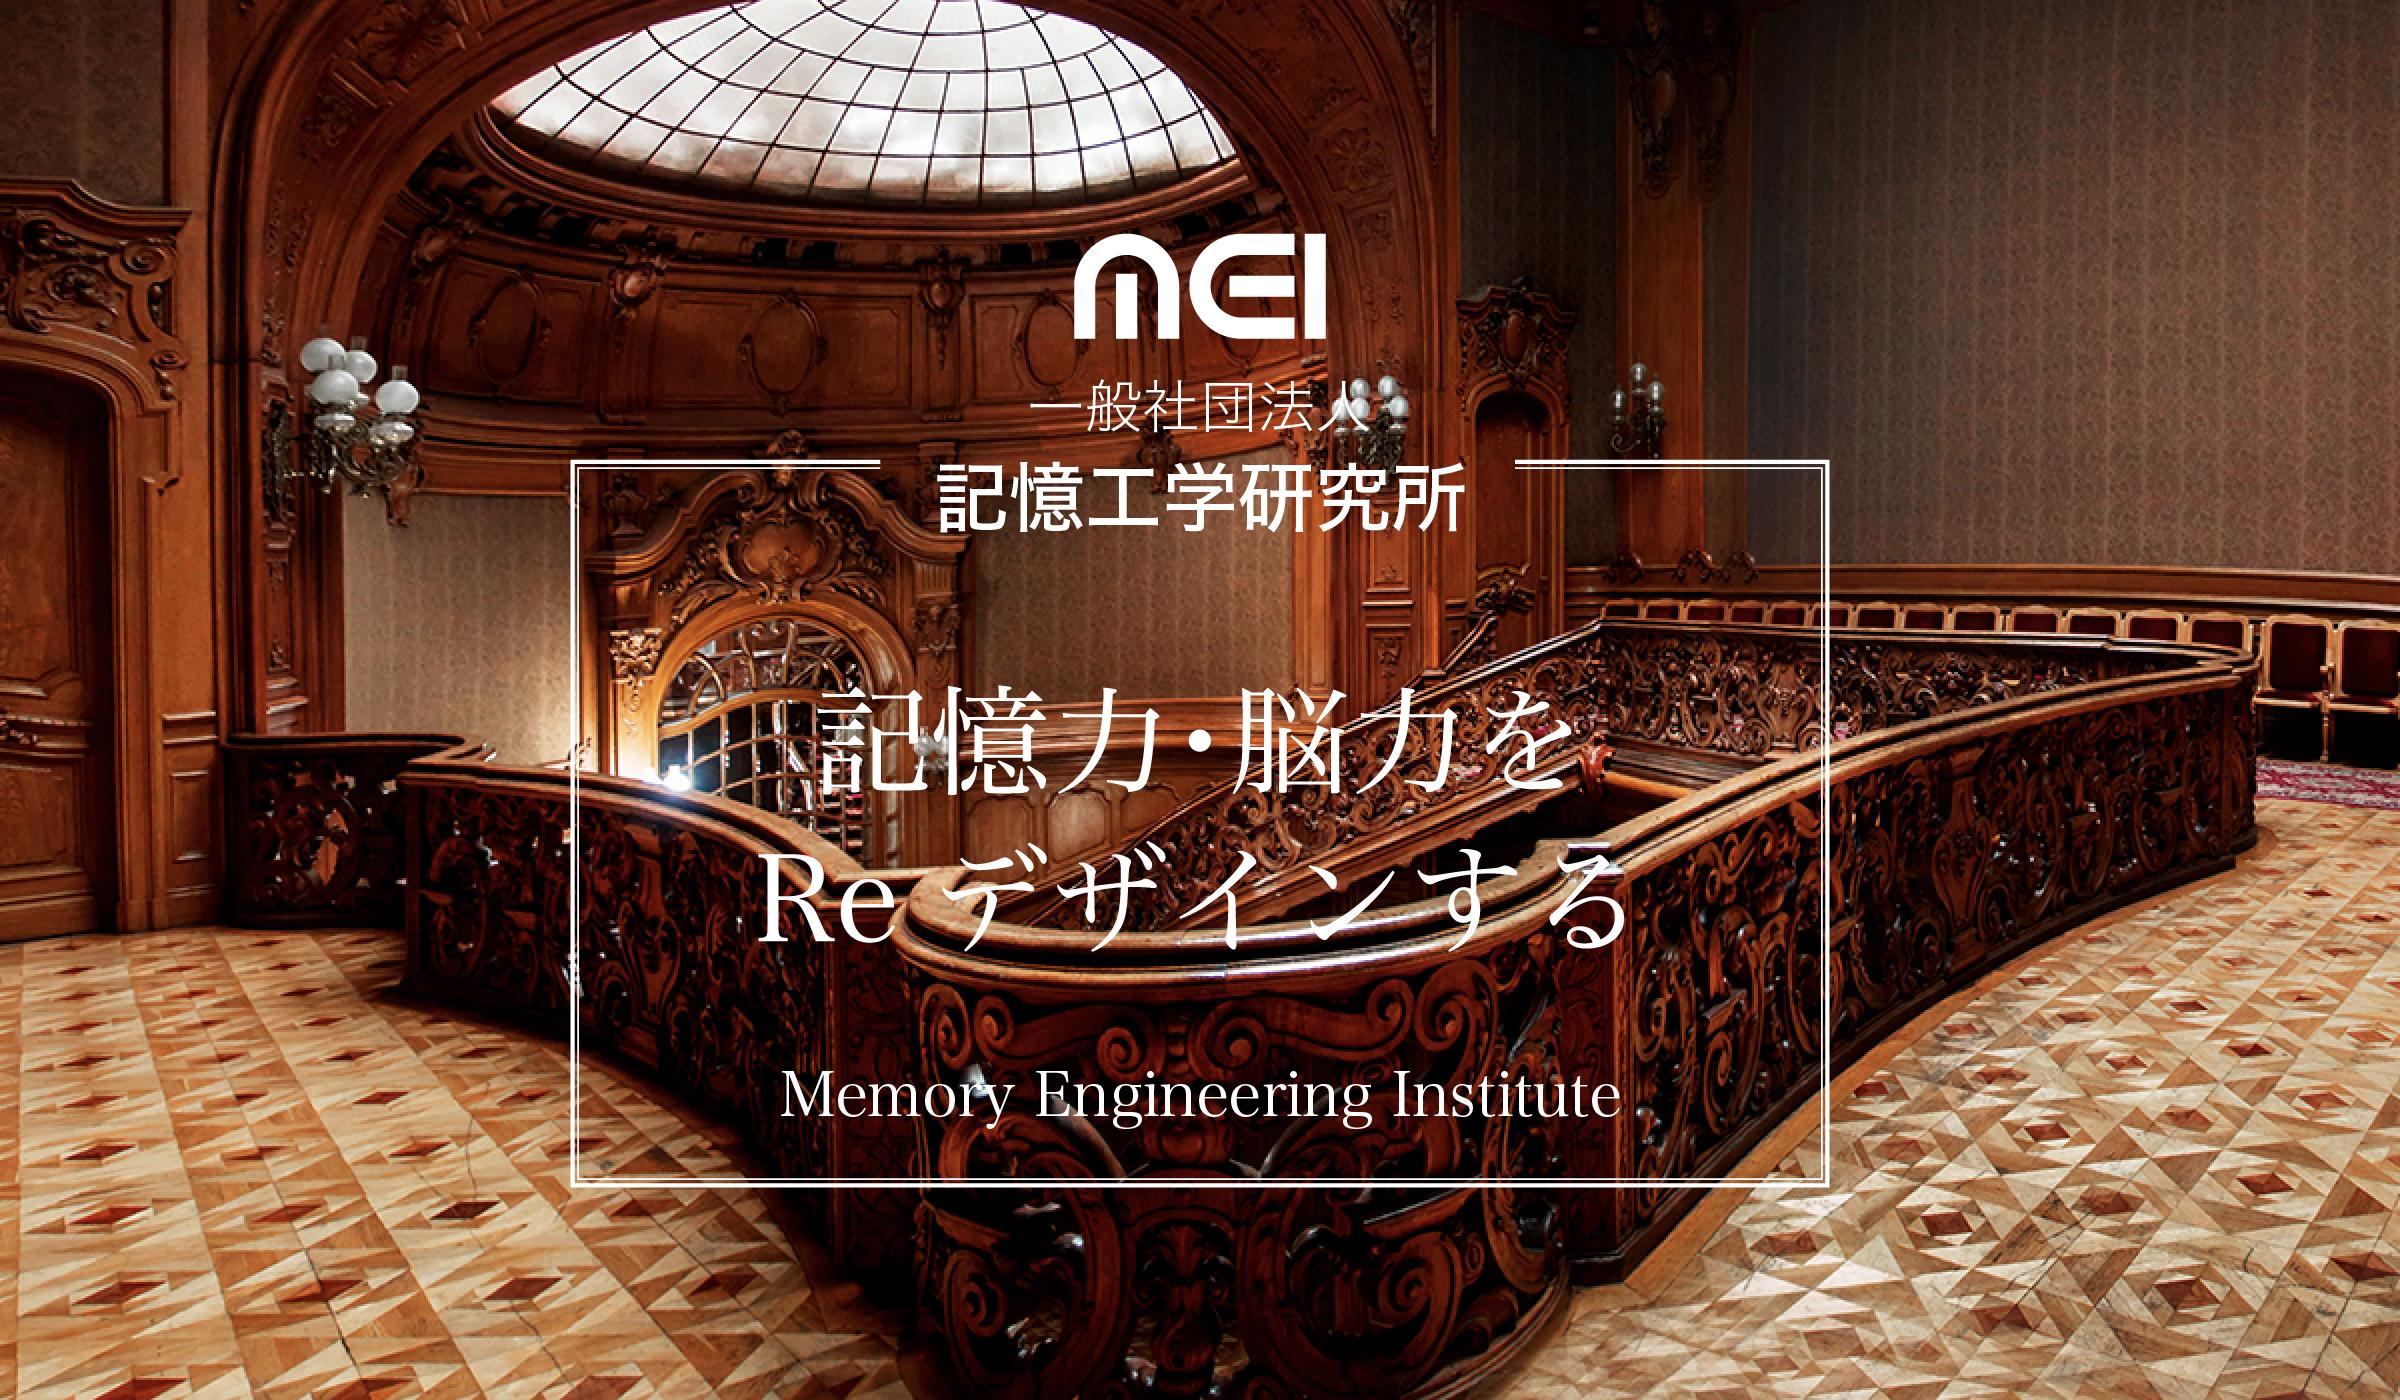 脳力をリデザインする記憶工学研究所